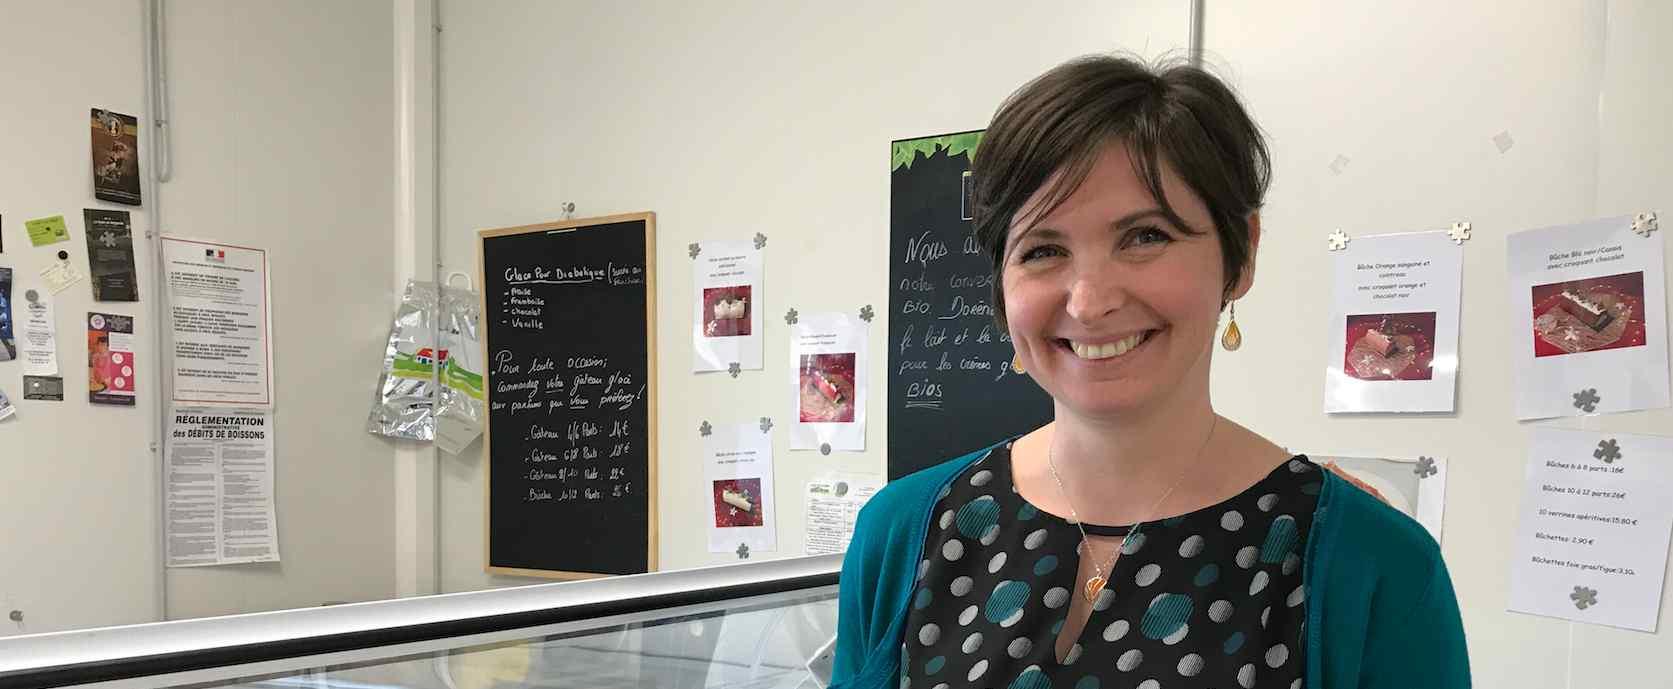 Les Glaces de Pendréo : entretien avec Christine Pennec